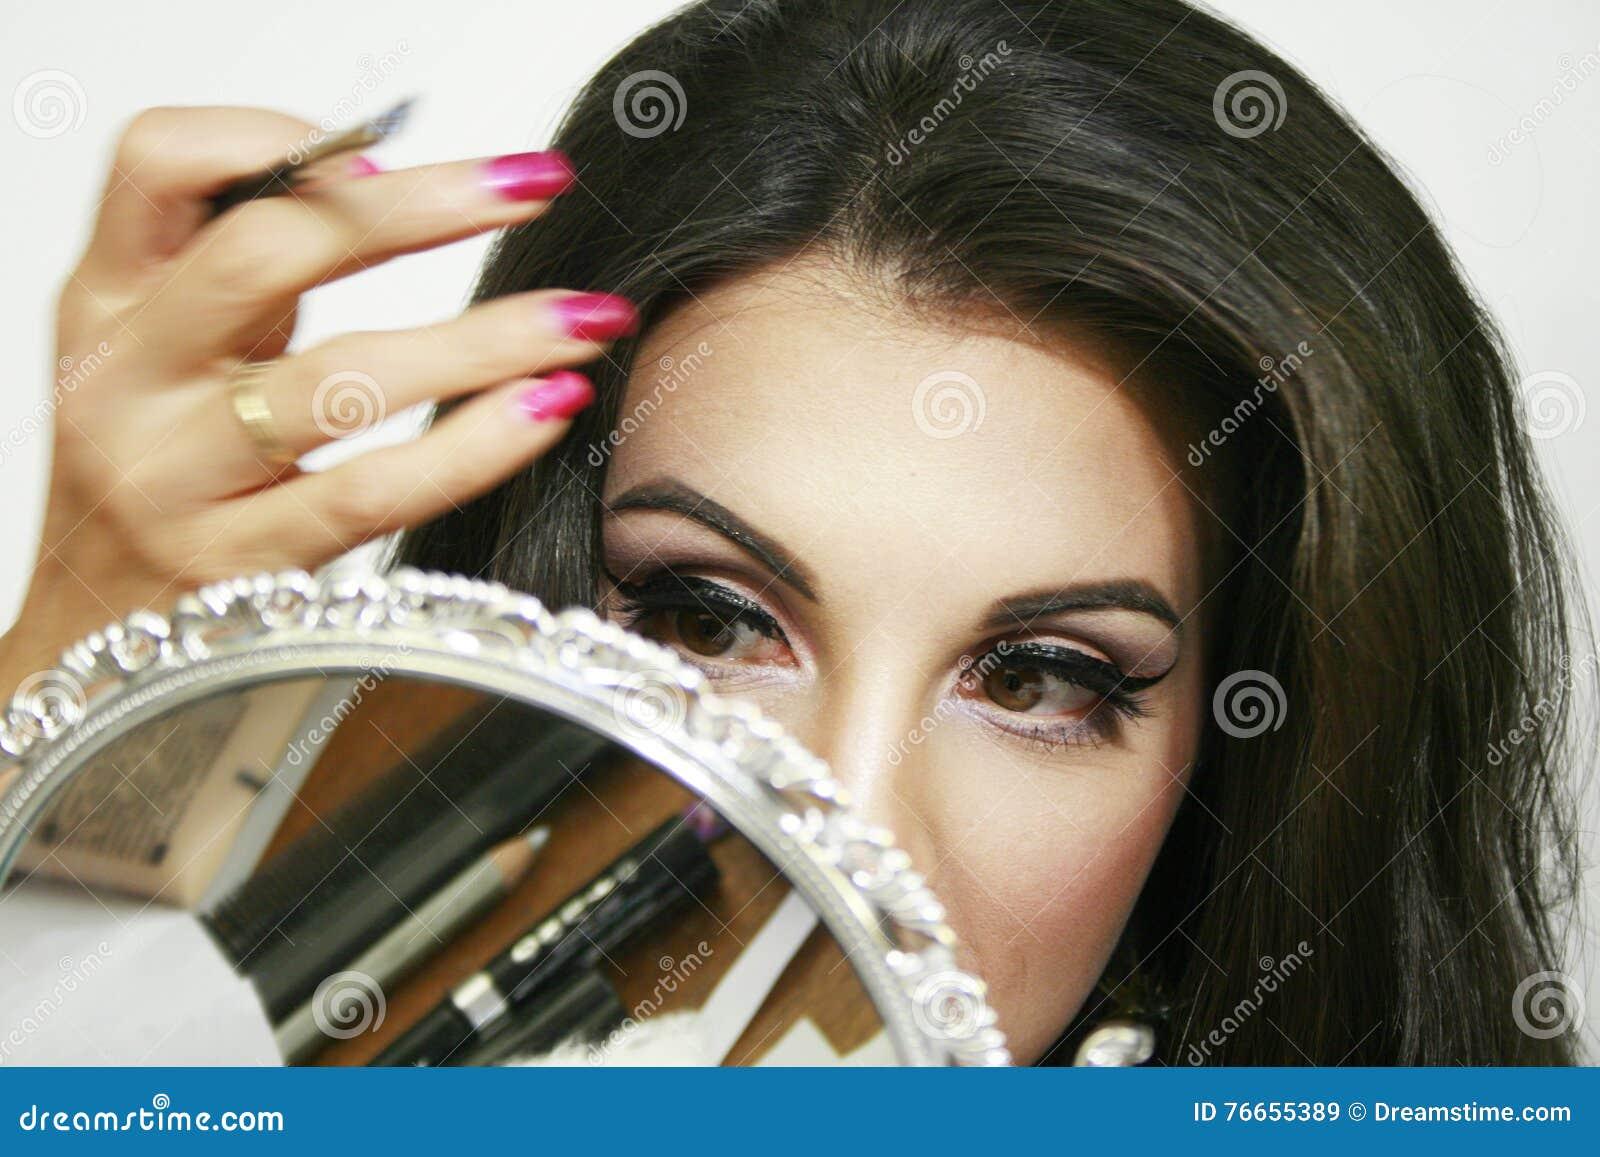 Spegeln reflekterar skönhetsmedlet, och makeupmaterial, den härliga flickan gör hennes makeup, handrörelse, rosa ögonskugga och t